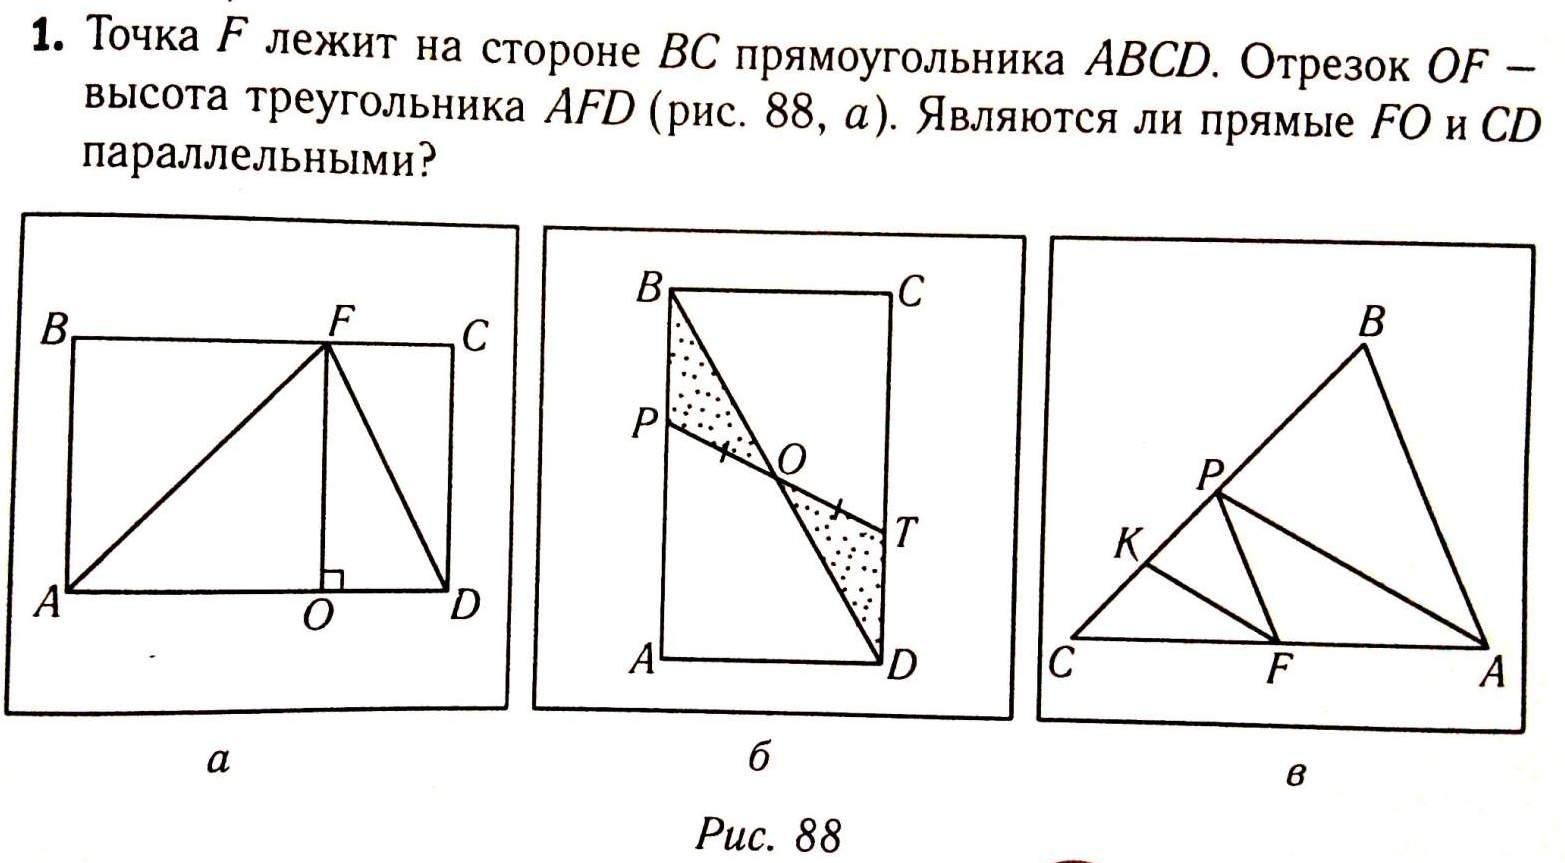 Математика Домашнее задание класс 28 02 17 Примерная контрольная работа Параллельные прямые